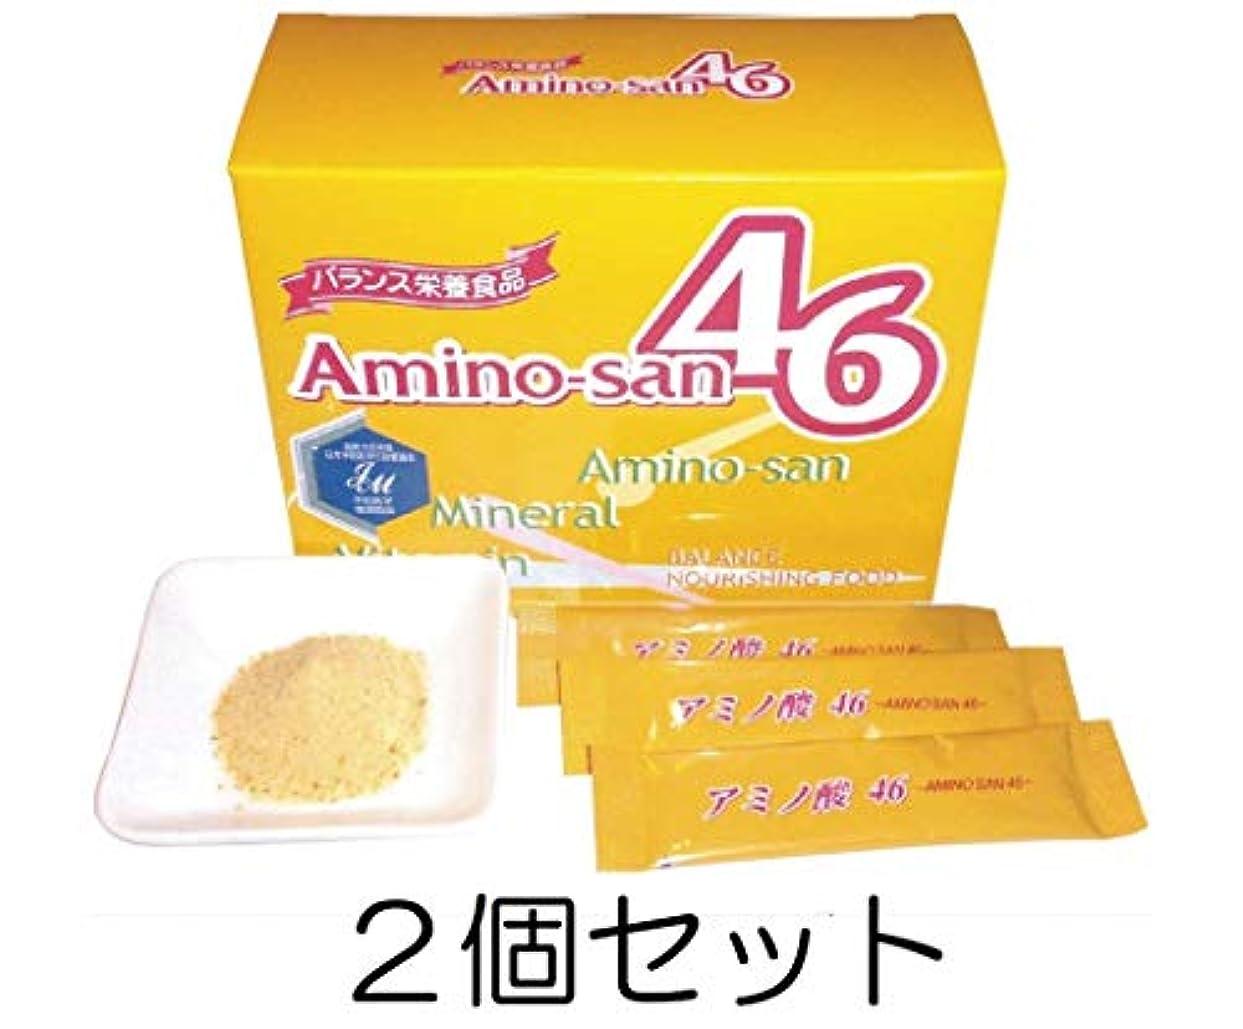 観点まだリッチ【 アミノ酸46 (3g×60本?1か月分)×2箱セット】ポーレン(蜂蜜花粉)含有 サプリメント